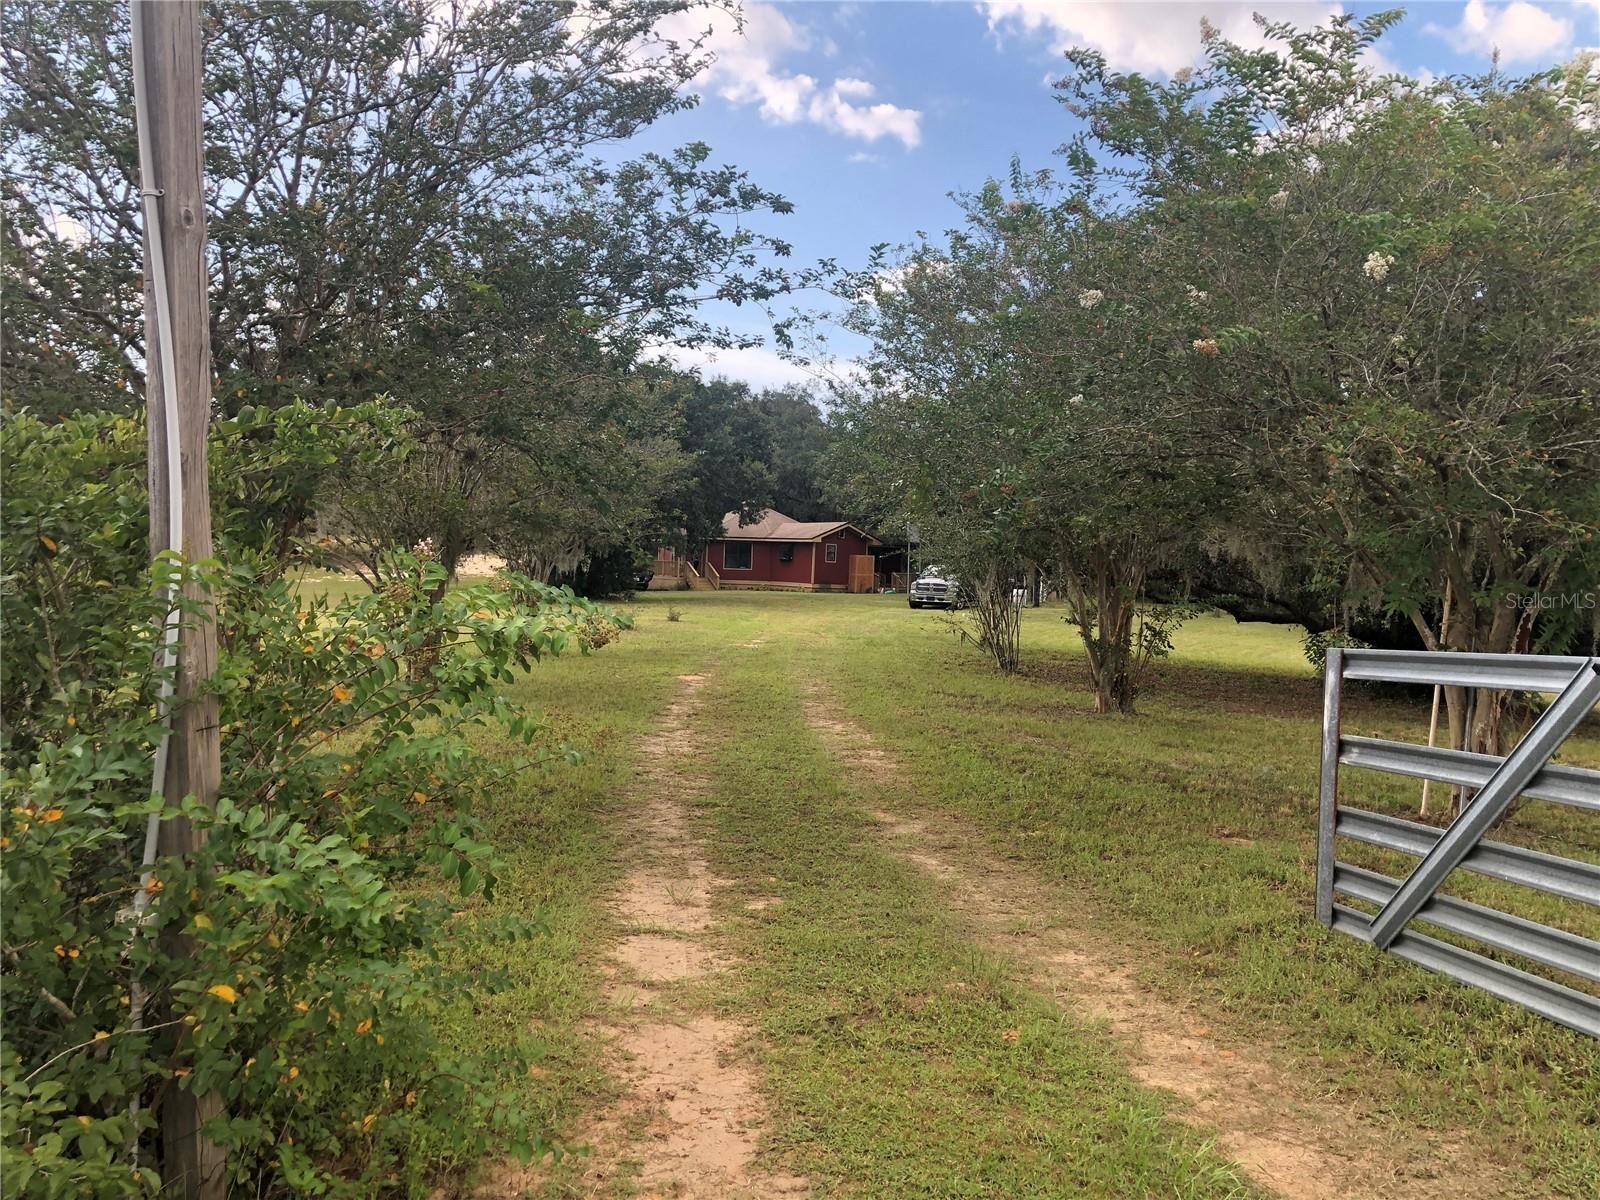 18001 PHIL C PETERS ROAD, Winter Garden, FL 34787 - #: O5965108